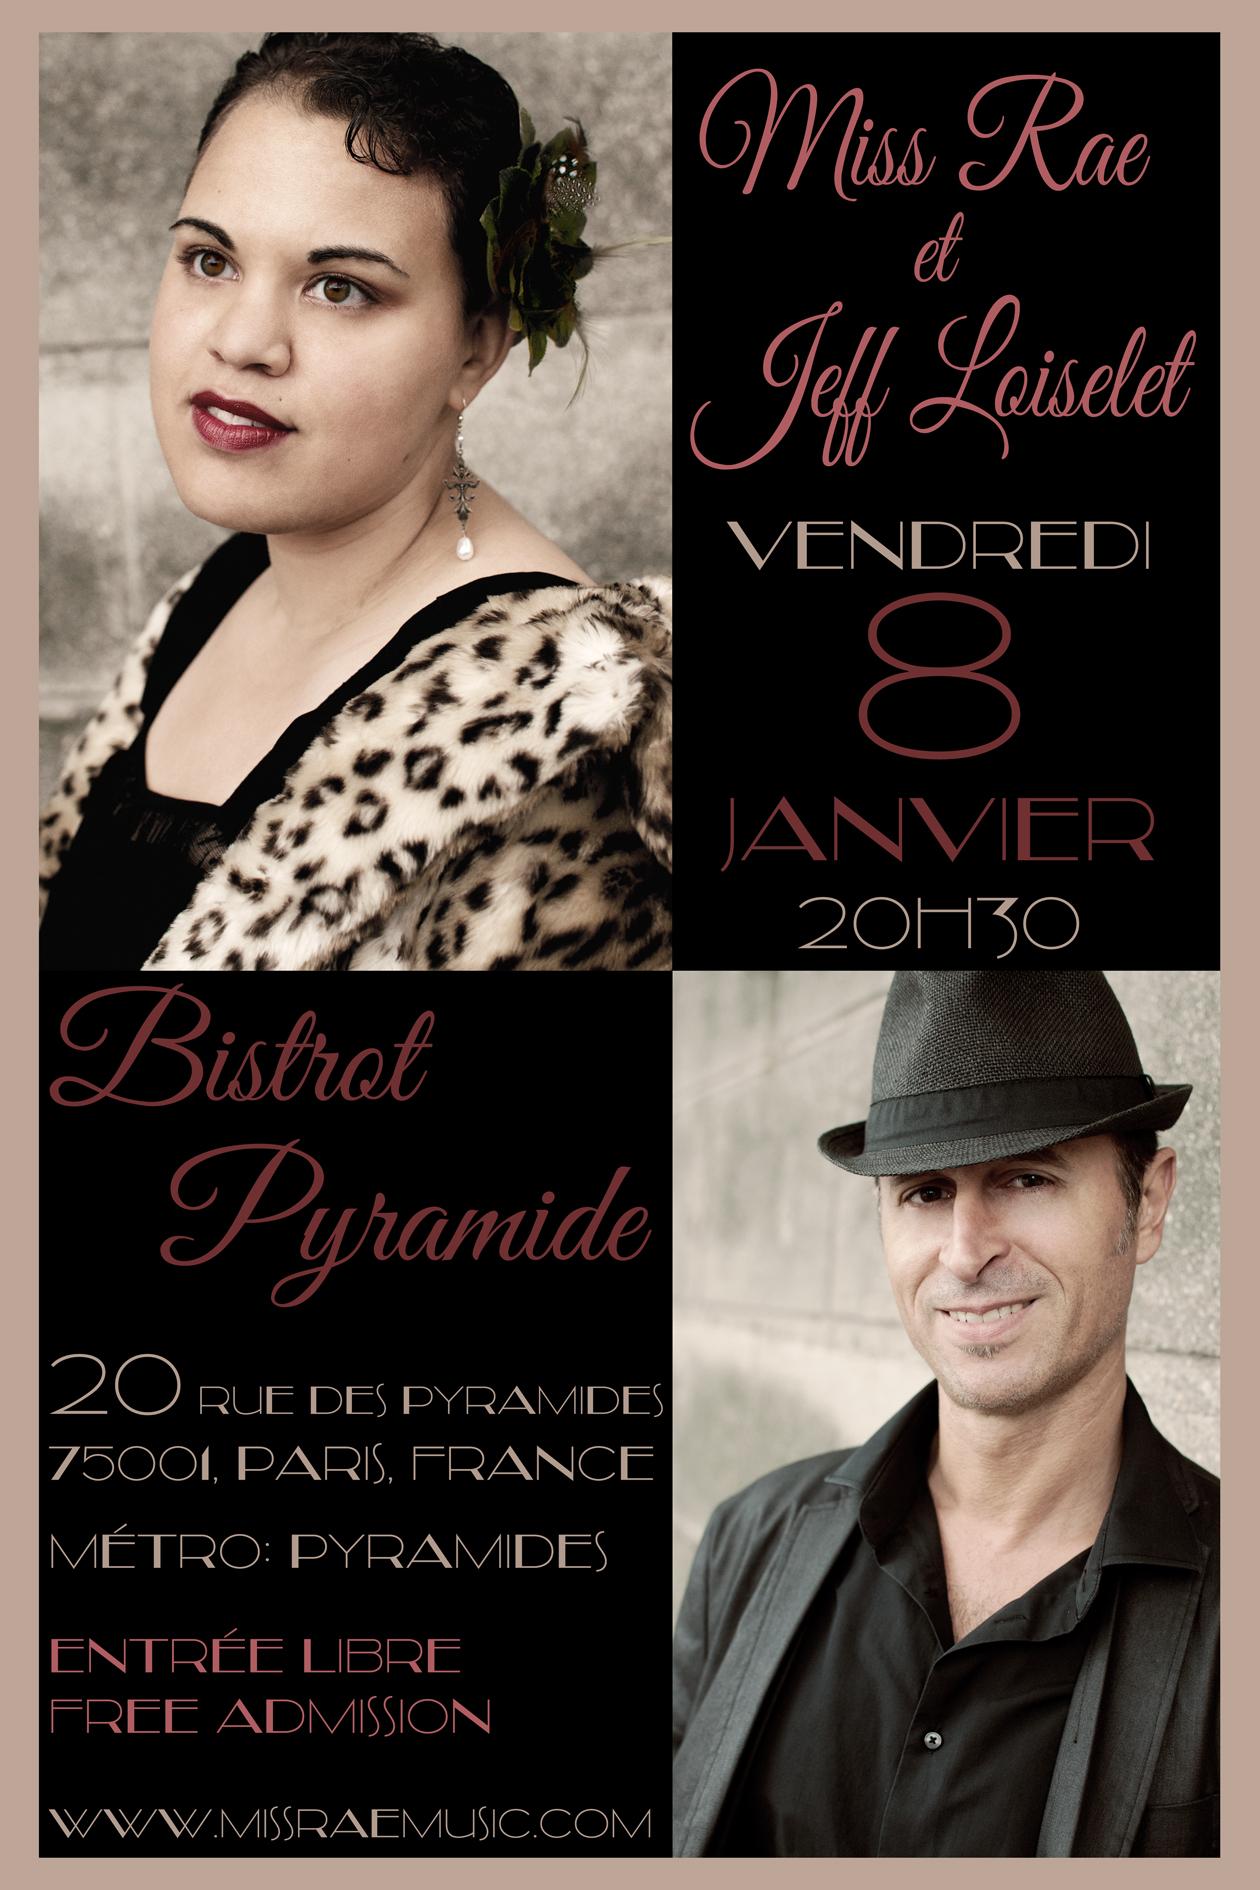 Miss Rae & Jeff Loiselet au Pyramide_08 Janvier_PARIS_WEB